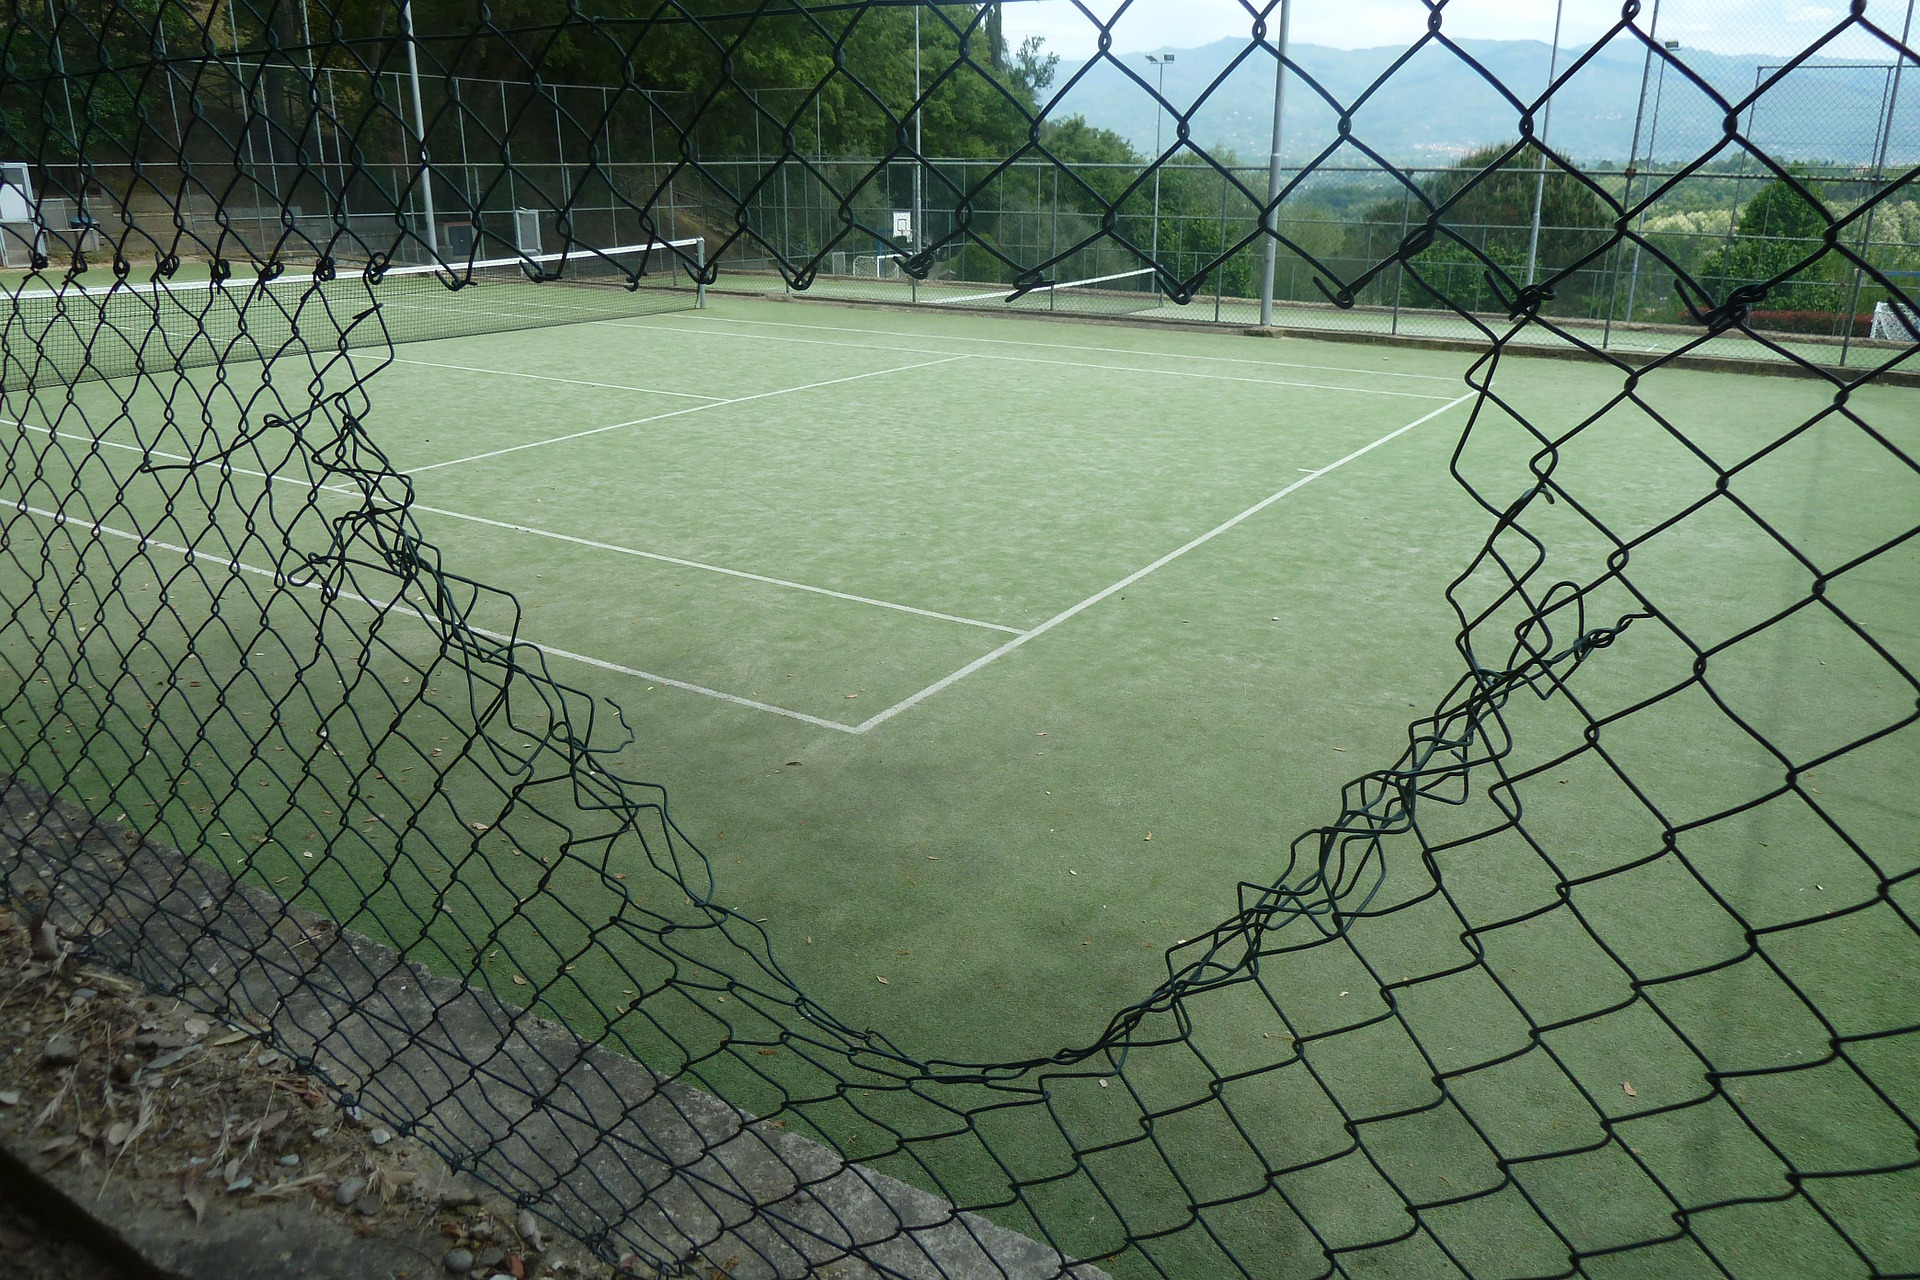 Podstawowe nawierzchnie tenisowe